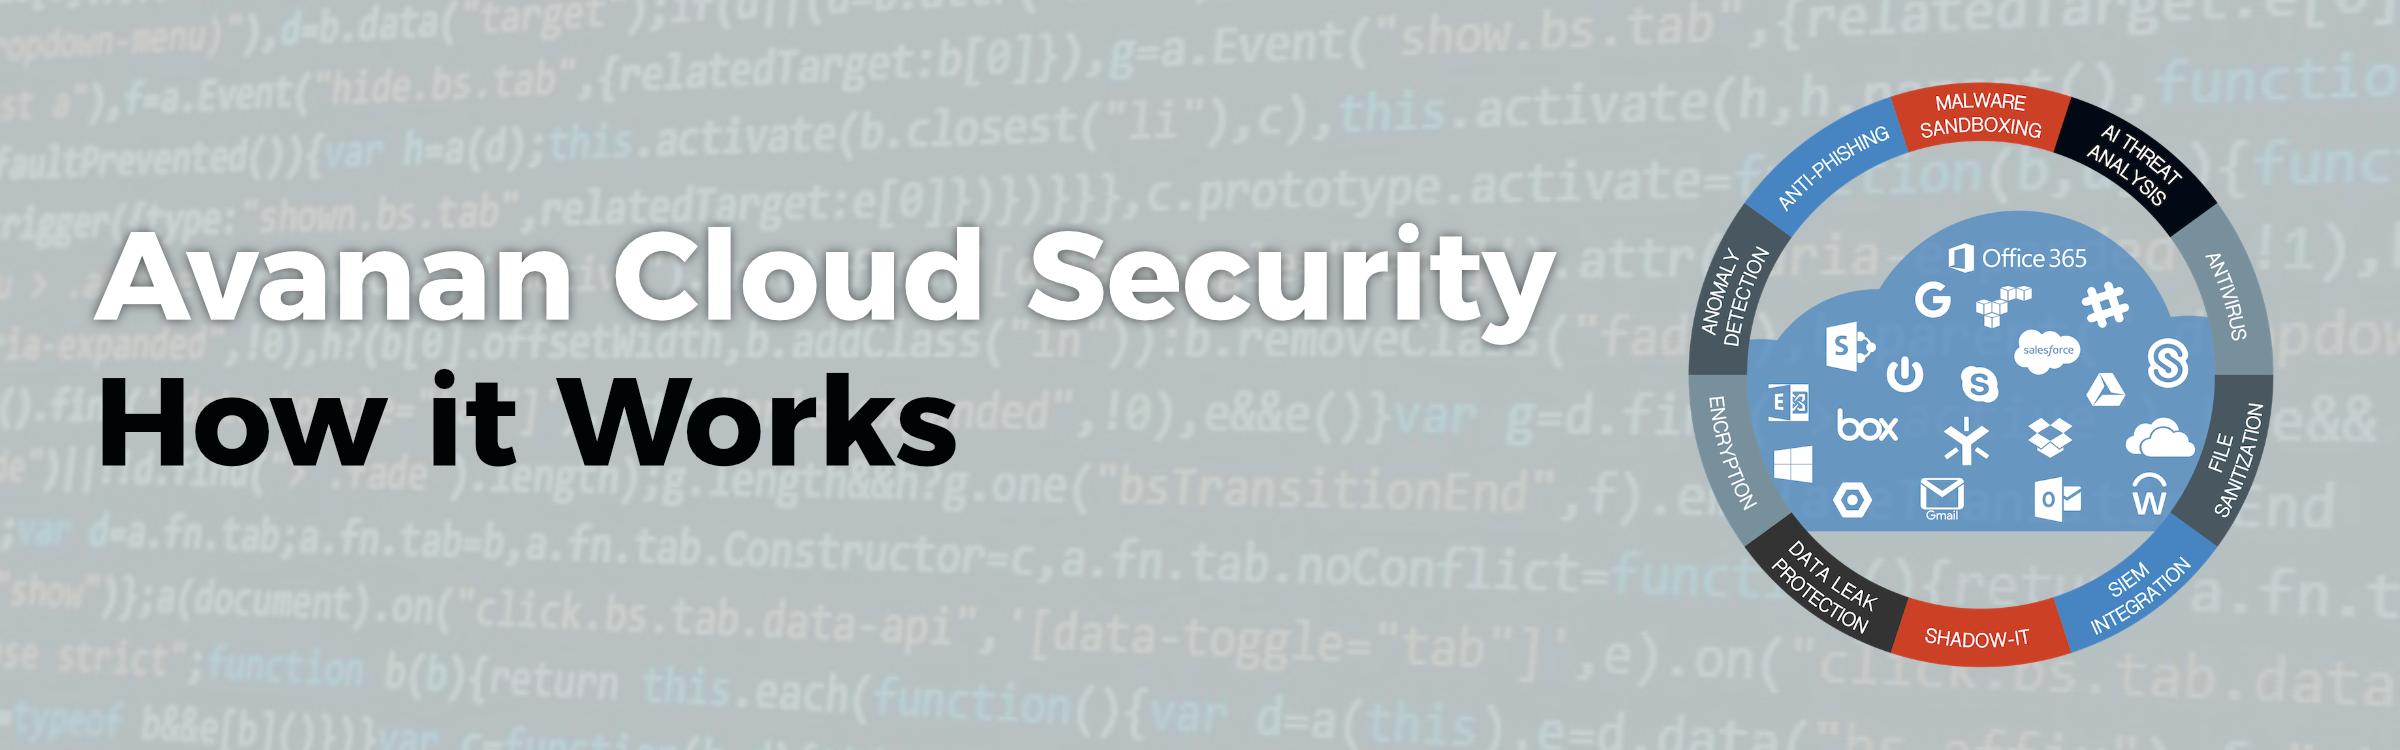 How Avanan Cloud secuity Works